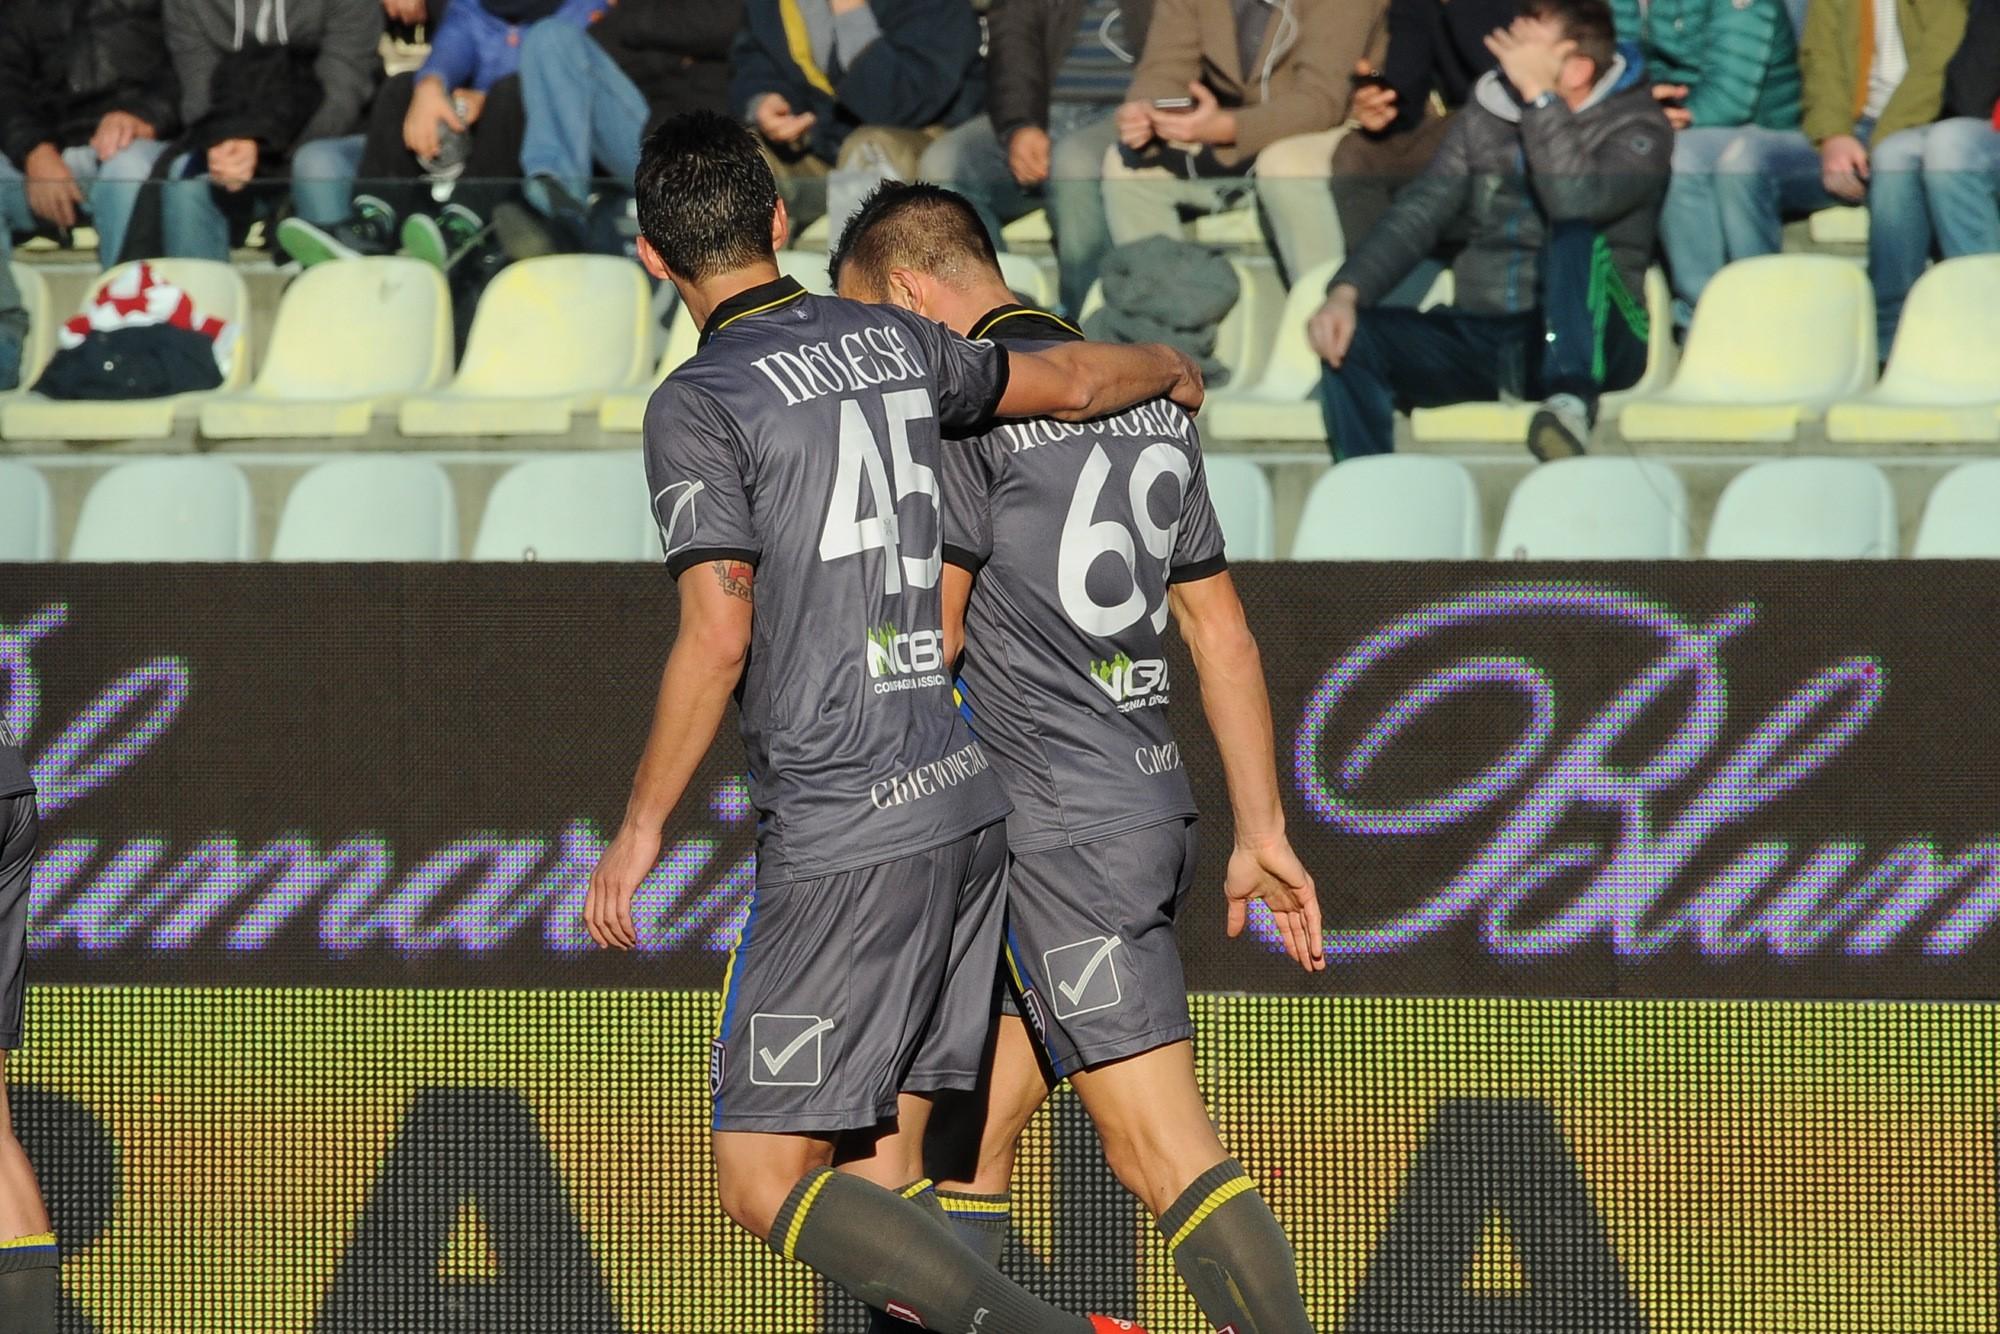 Voti Fantacalcio Genoa-Sassuolo 2-1: Gazzetta dello Sport